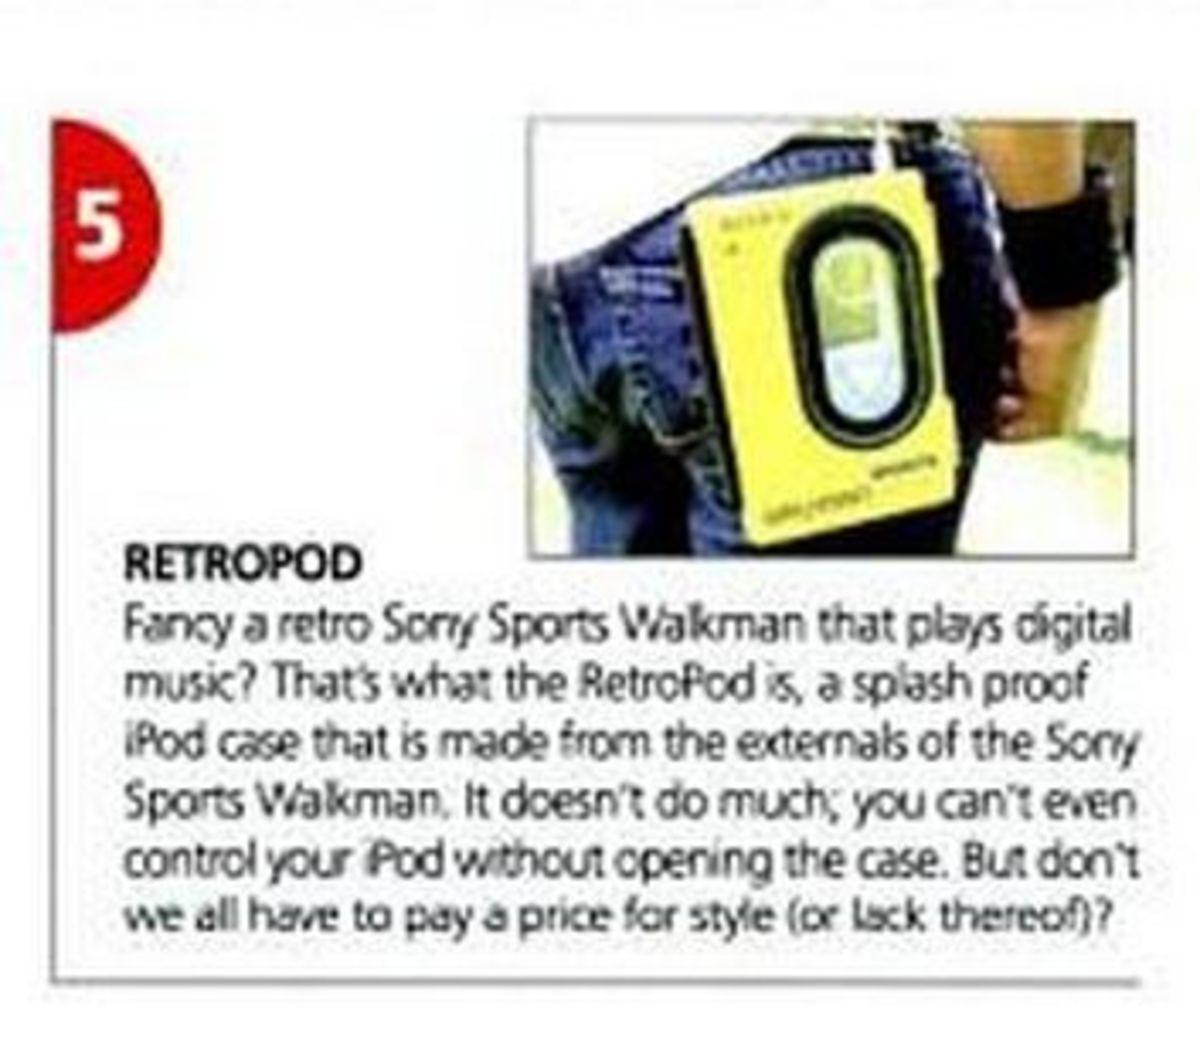 Sony Retropod